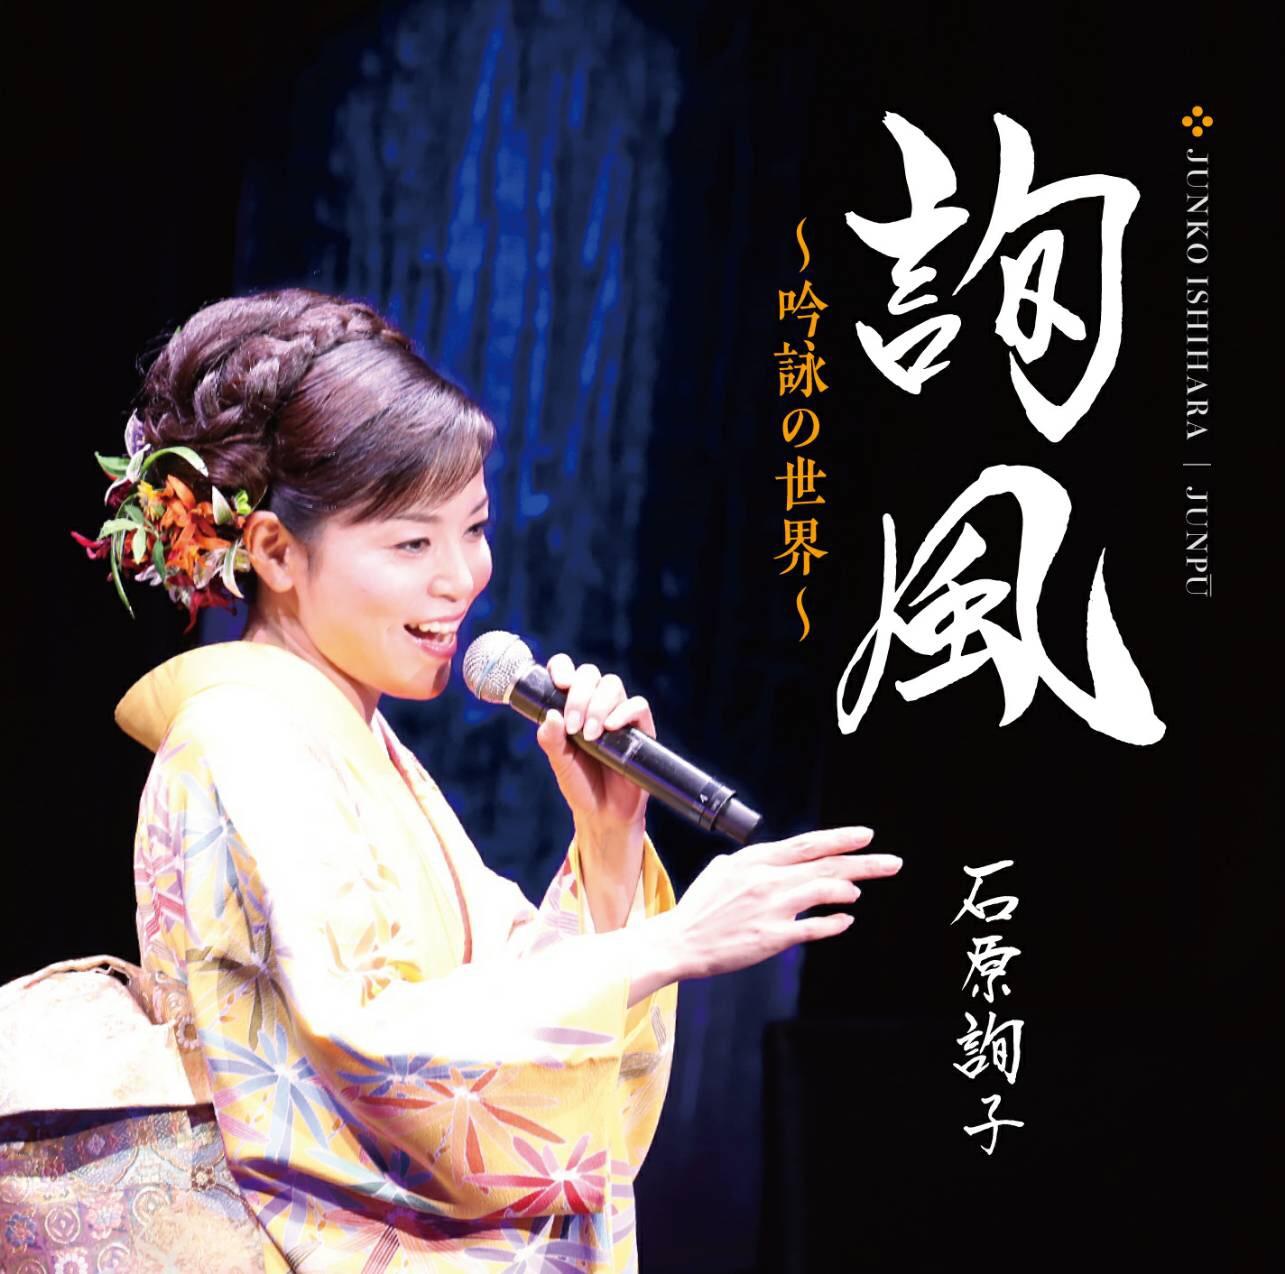 吟剣詩舞道祭り〜吟と舞の祭典〜